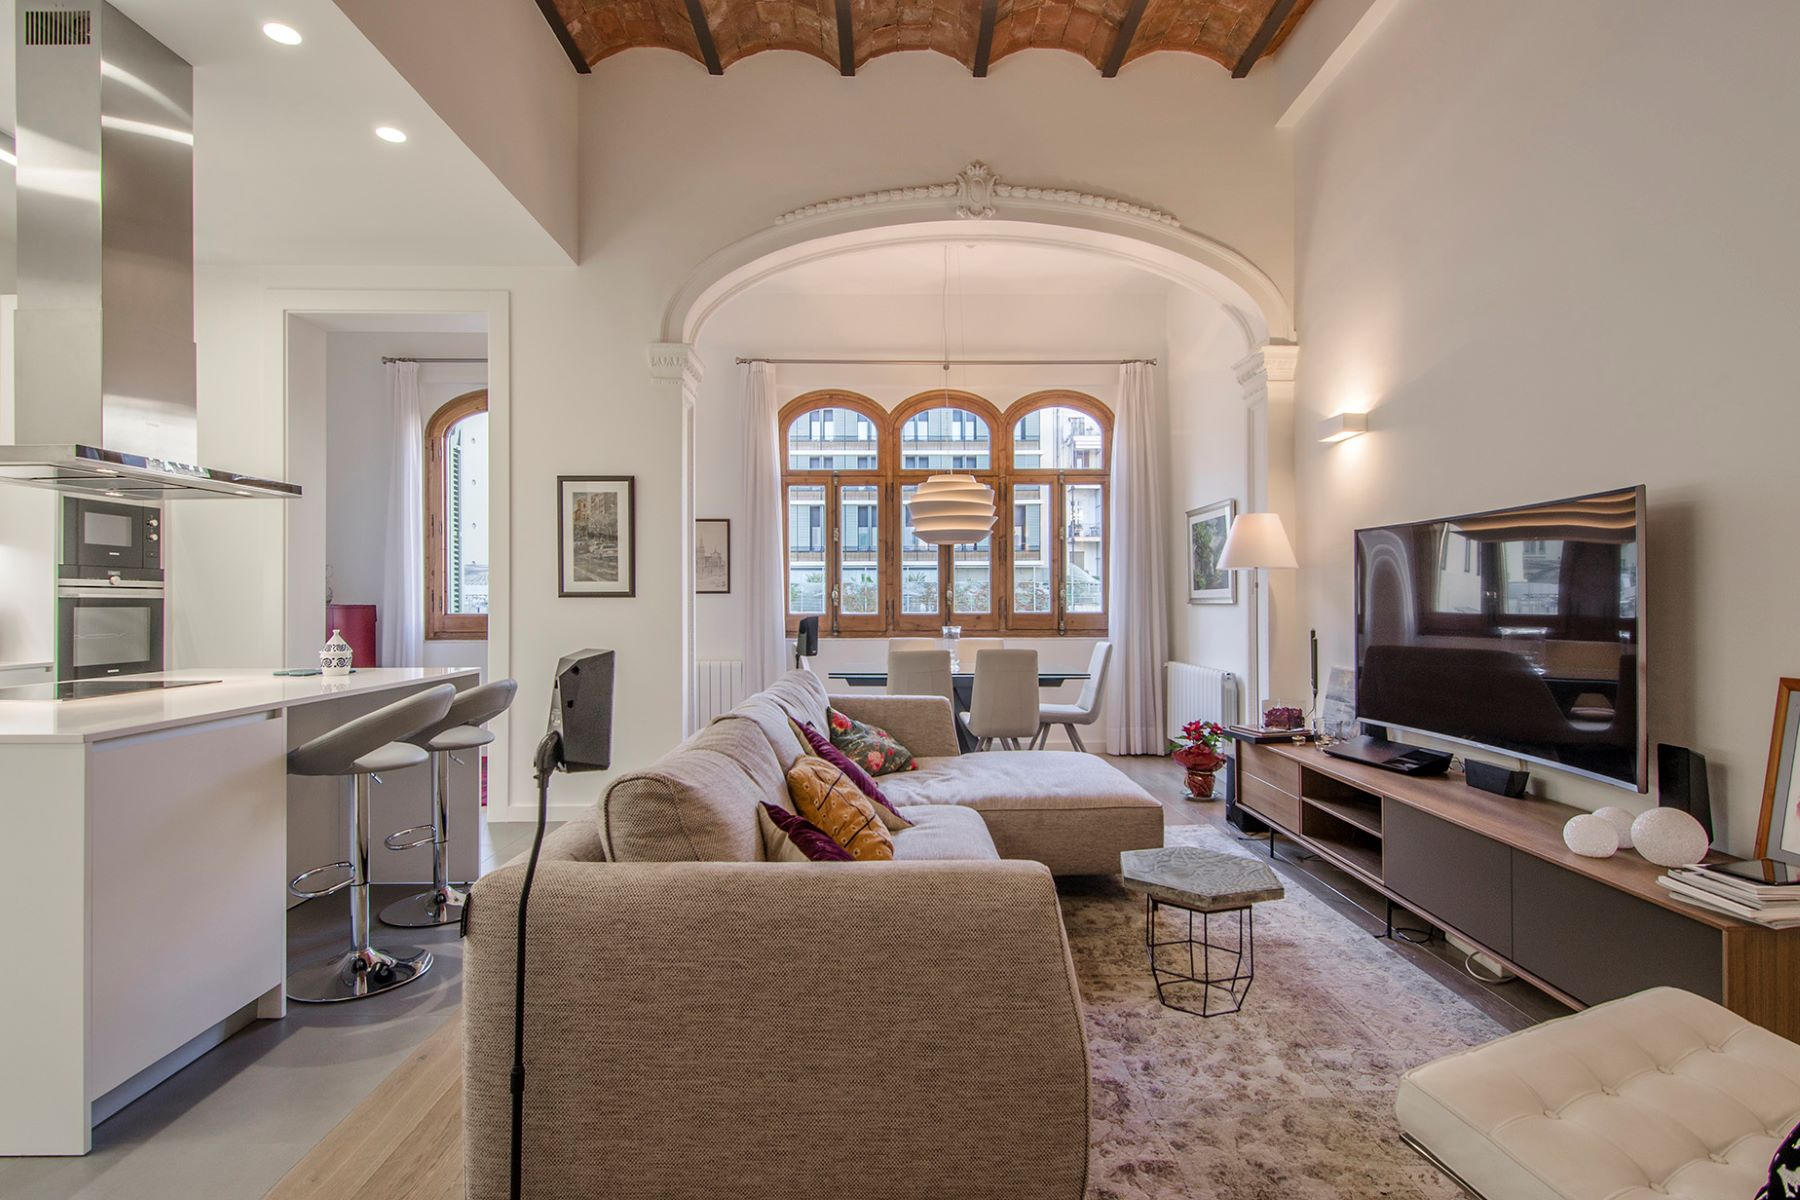 Apartamento para Venda às Fantastic Apartment Near the Paseo de Gracia Barcelona City, Barcelona, 08007 Espanha